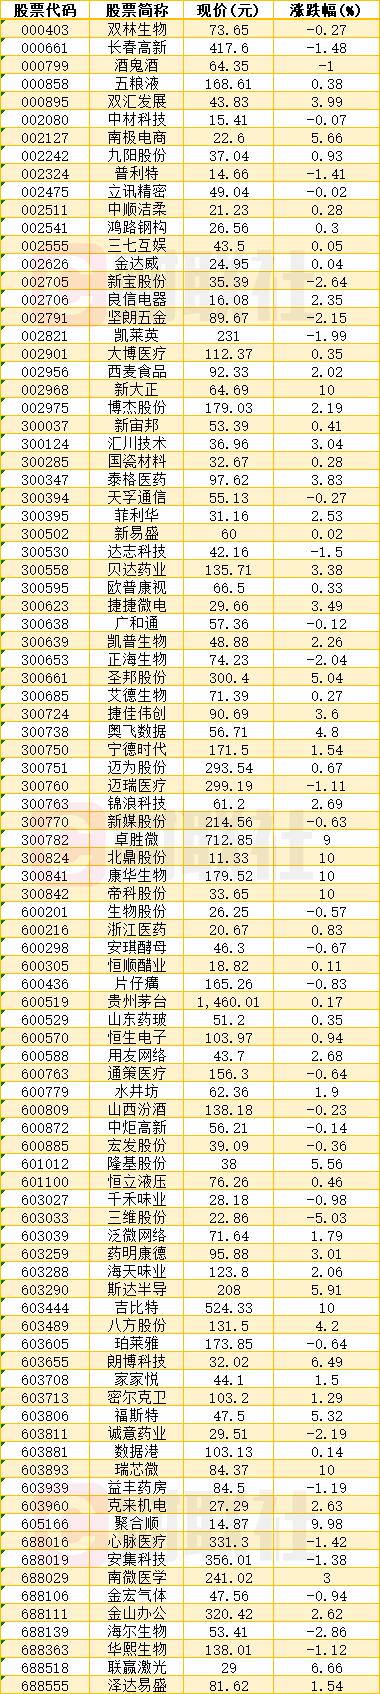 6月24日收盘股价创历史新高个股名单一览